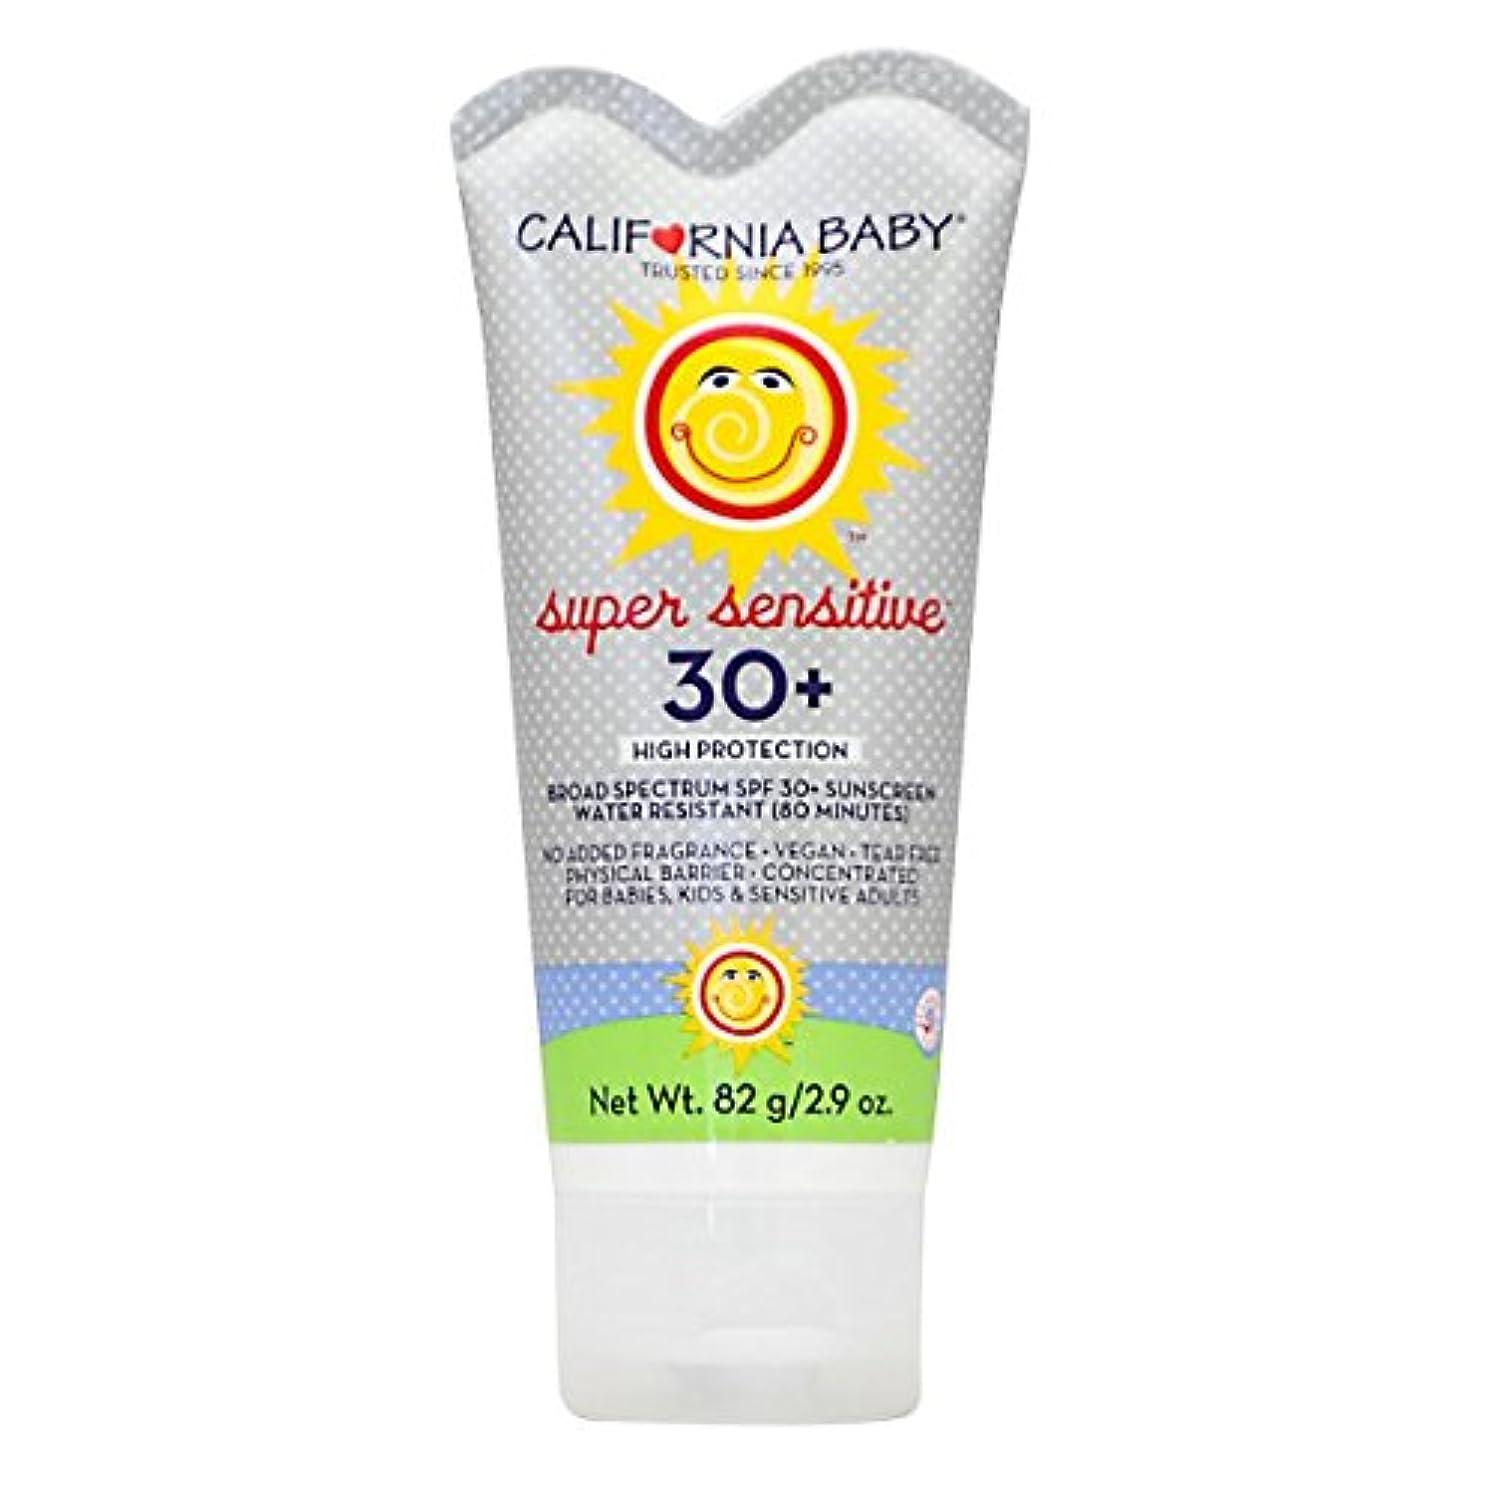 可塑性石膏厄介なカリフォルニアベビー日焼け止めクリームSPF30 超敏感肌用82g